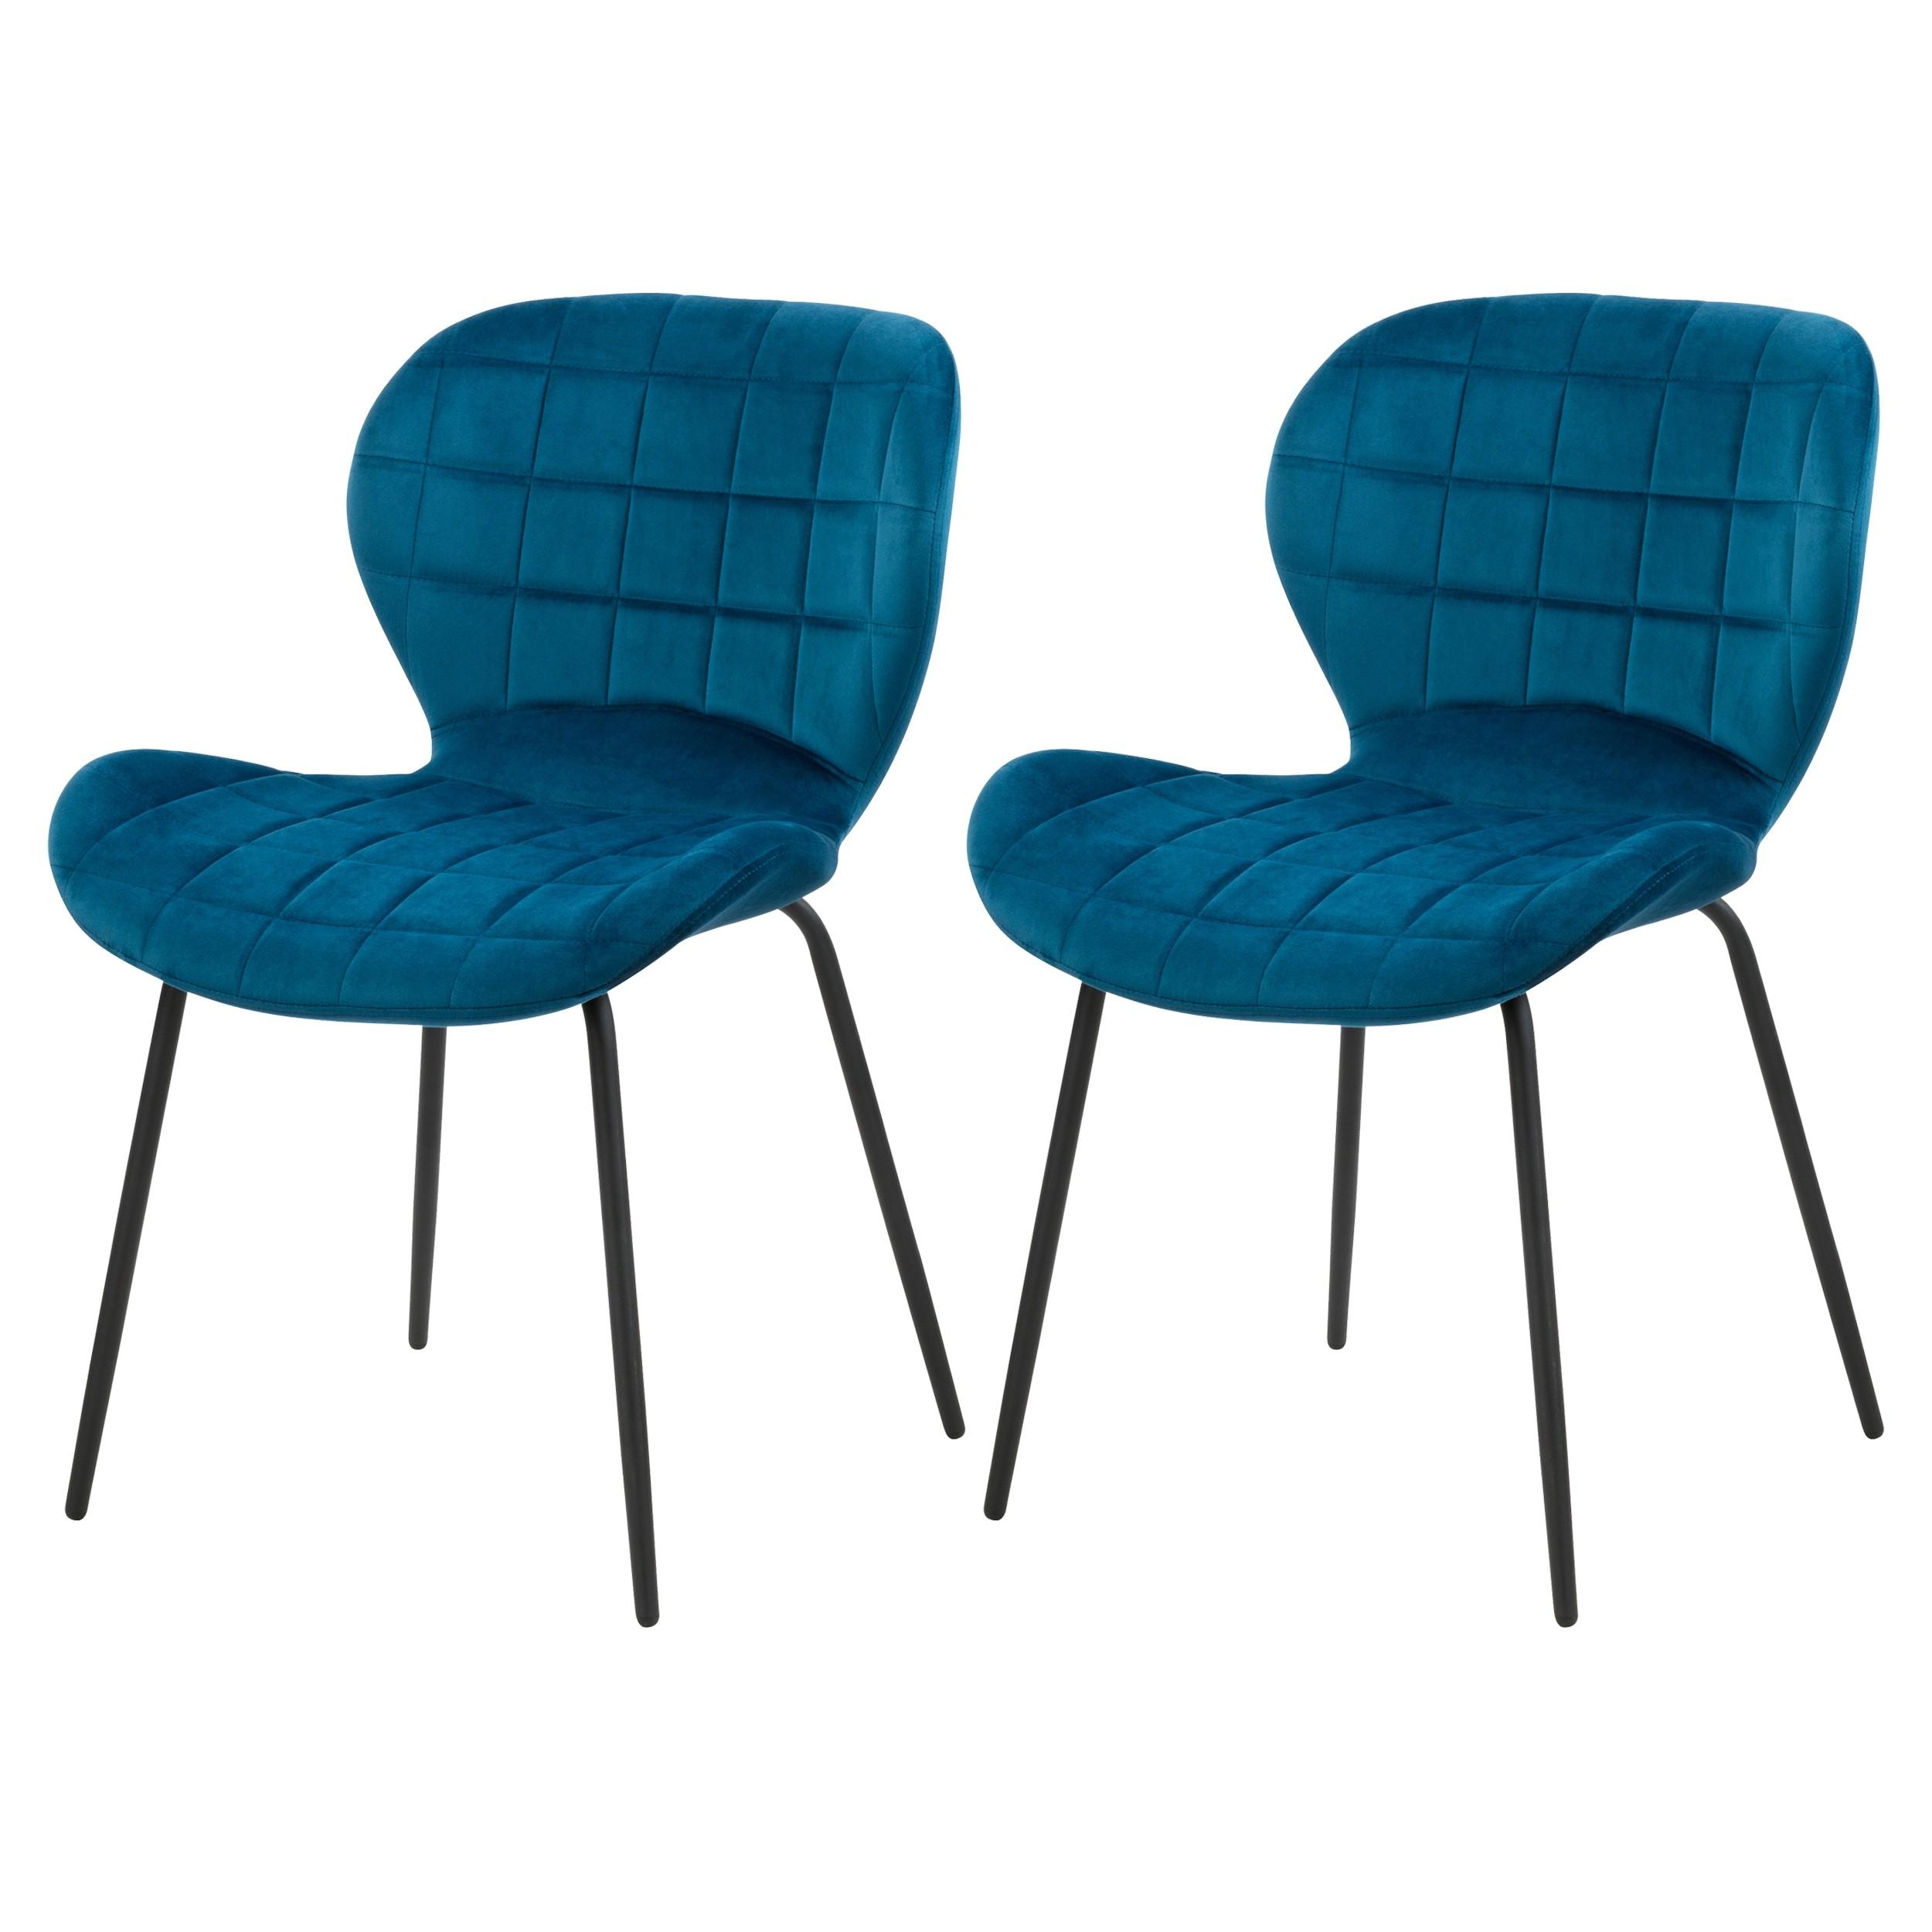 acheter chaise lot de 2 bleues en velours